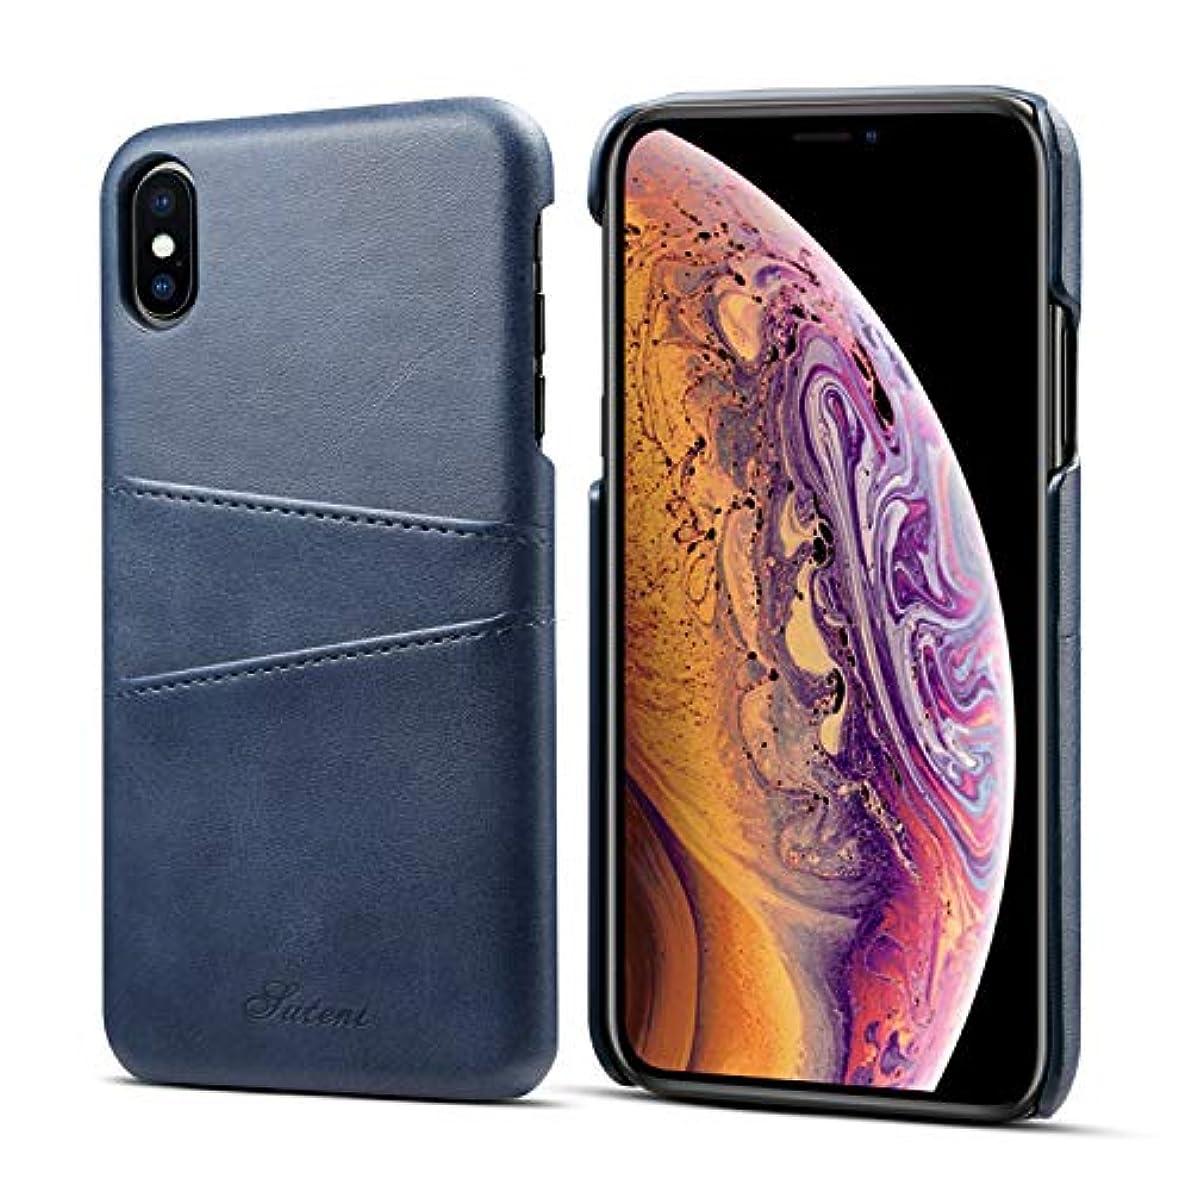 どこでも保存する代替案iPhone XS Maxのための財布ケース、カード/ IDホルダースロット付きtaStoneプレミアムPUレザー電話ケースカバー6.5インチiPhone XS Maxのための軽量クラシックスタイルスリム保護スクリーンケース...